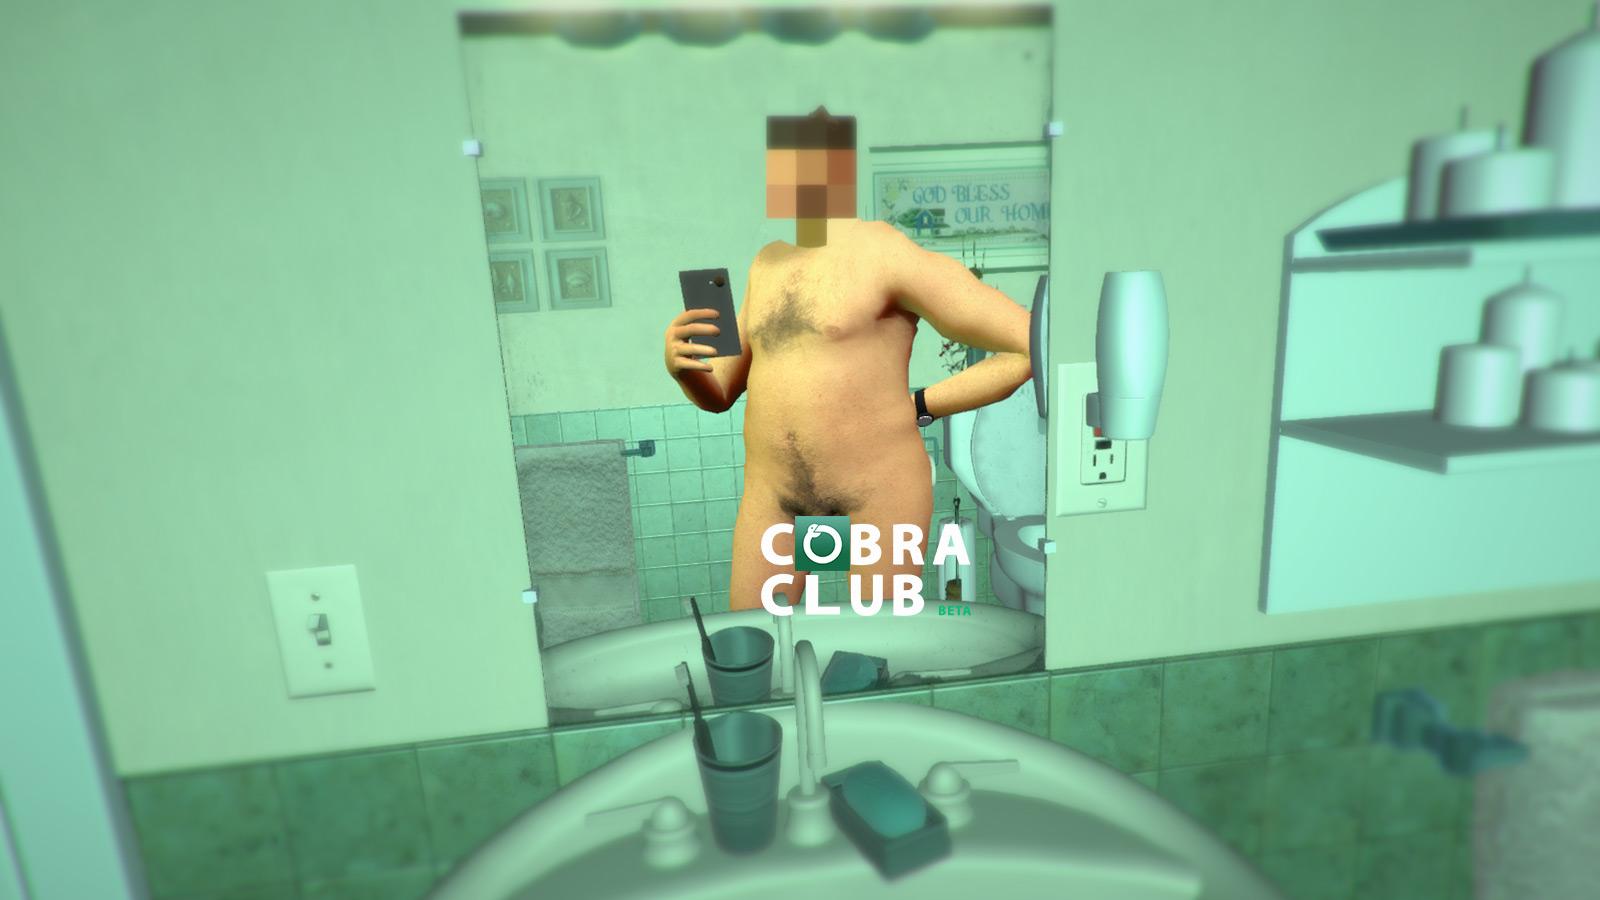 cobraclub3